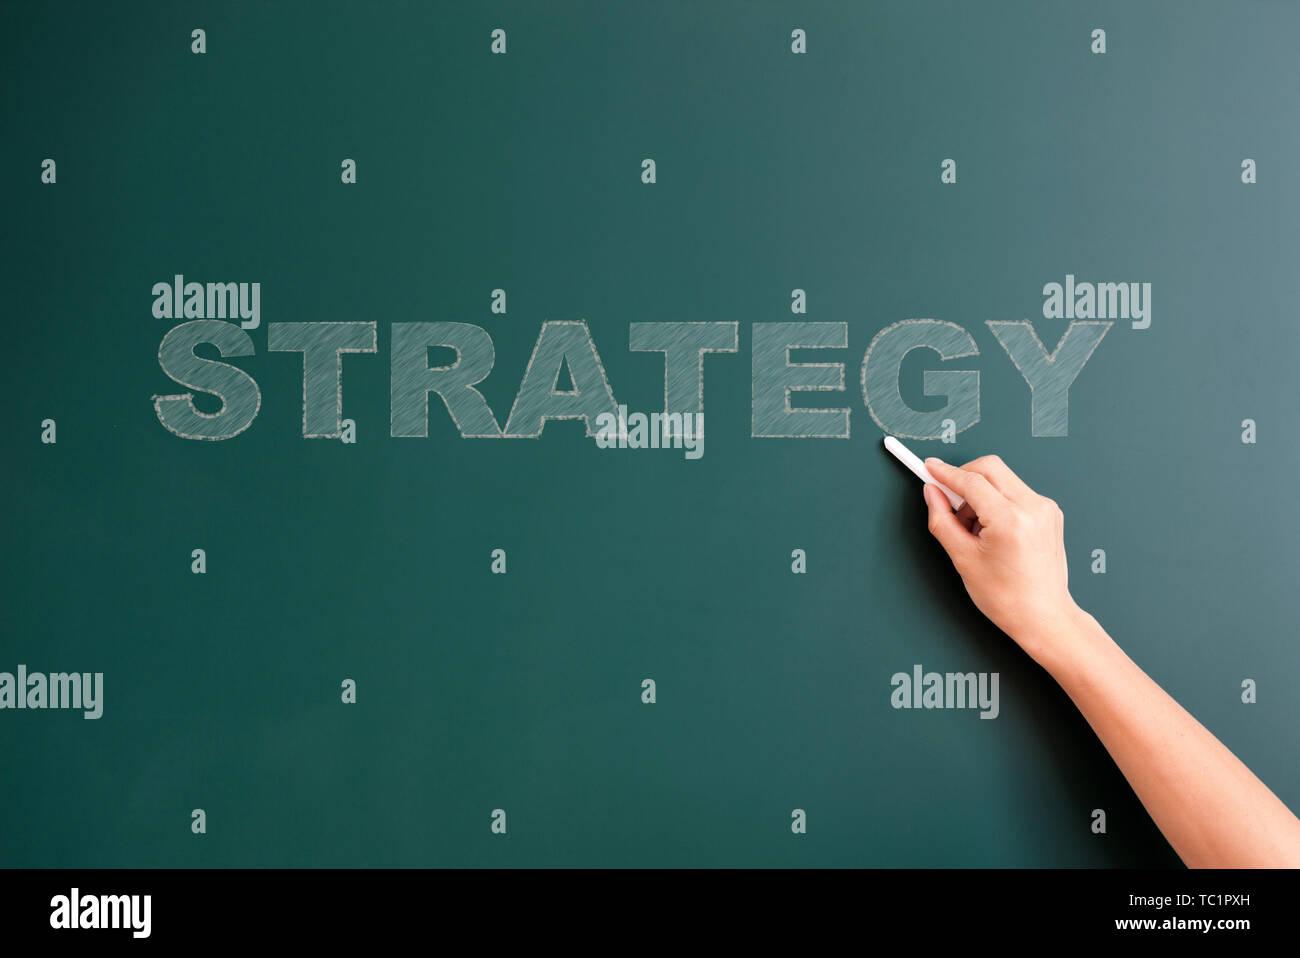 strategy written on blackboard - Stock Image